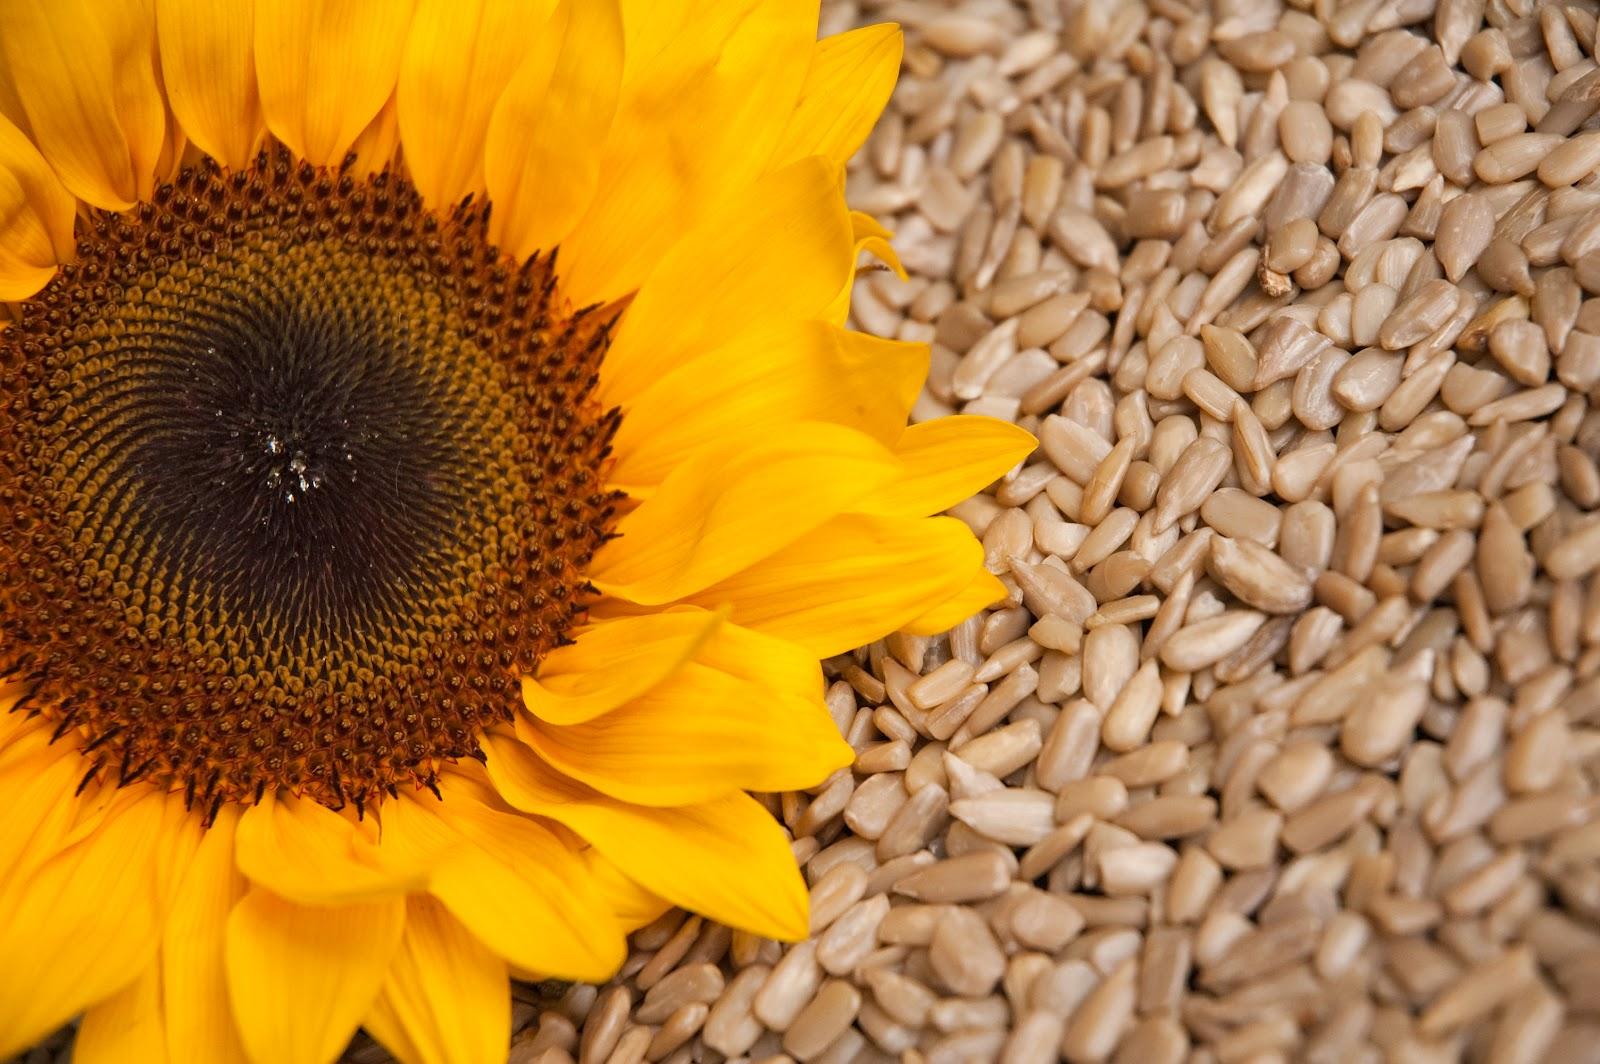 Подсолнух : когда и как собирать семена подсолнечника 34